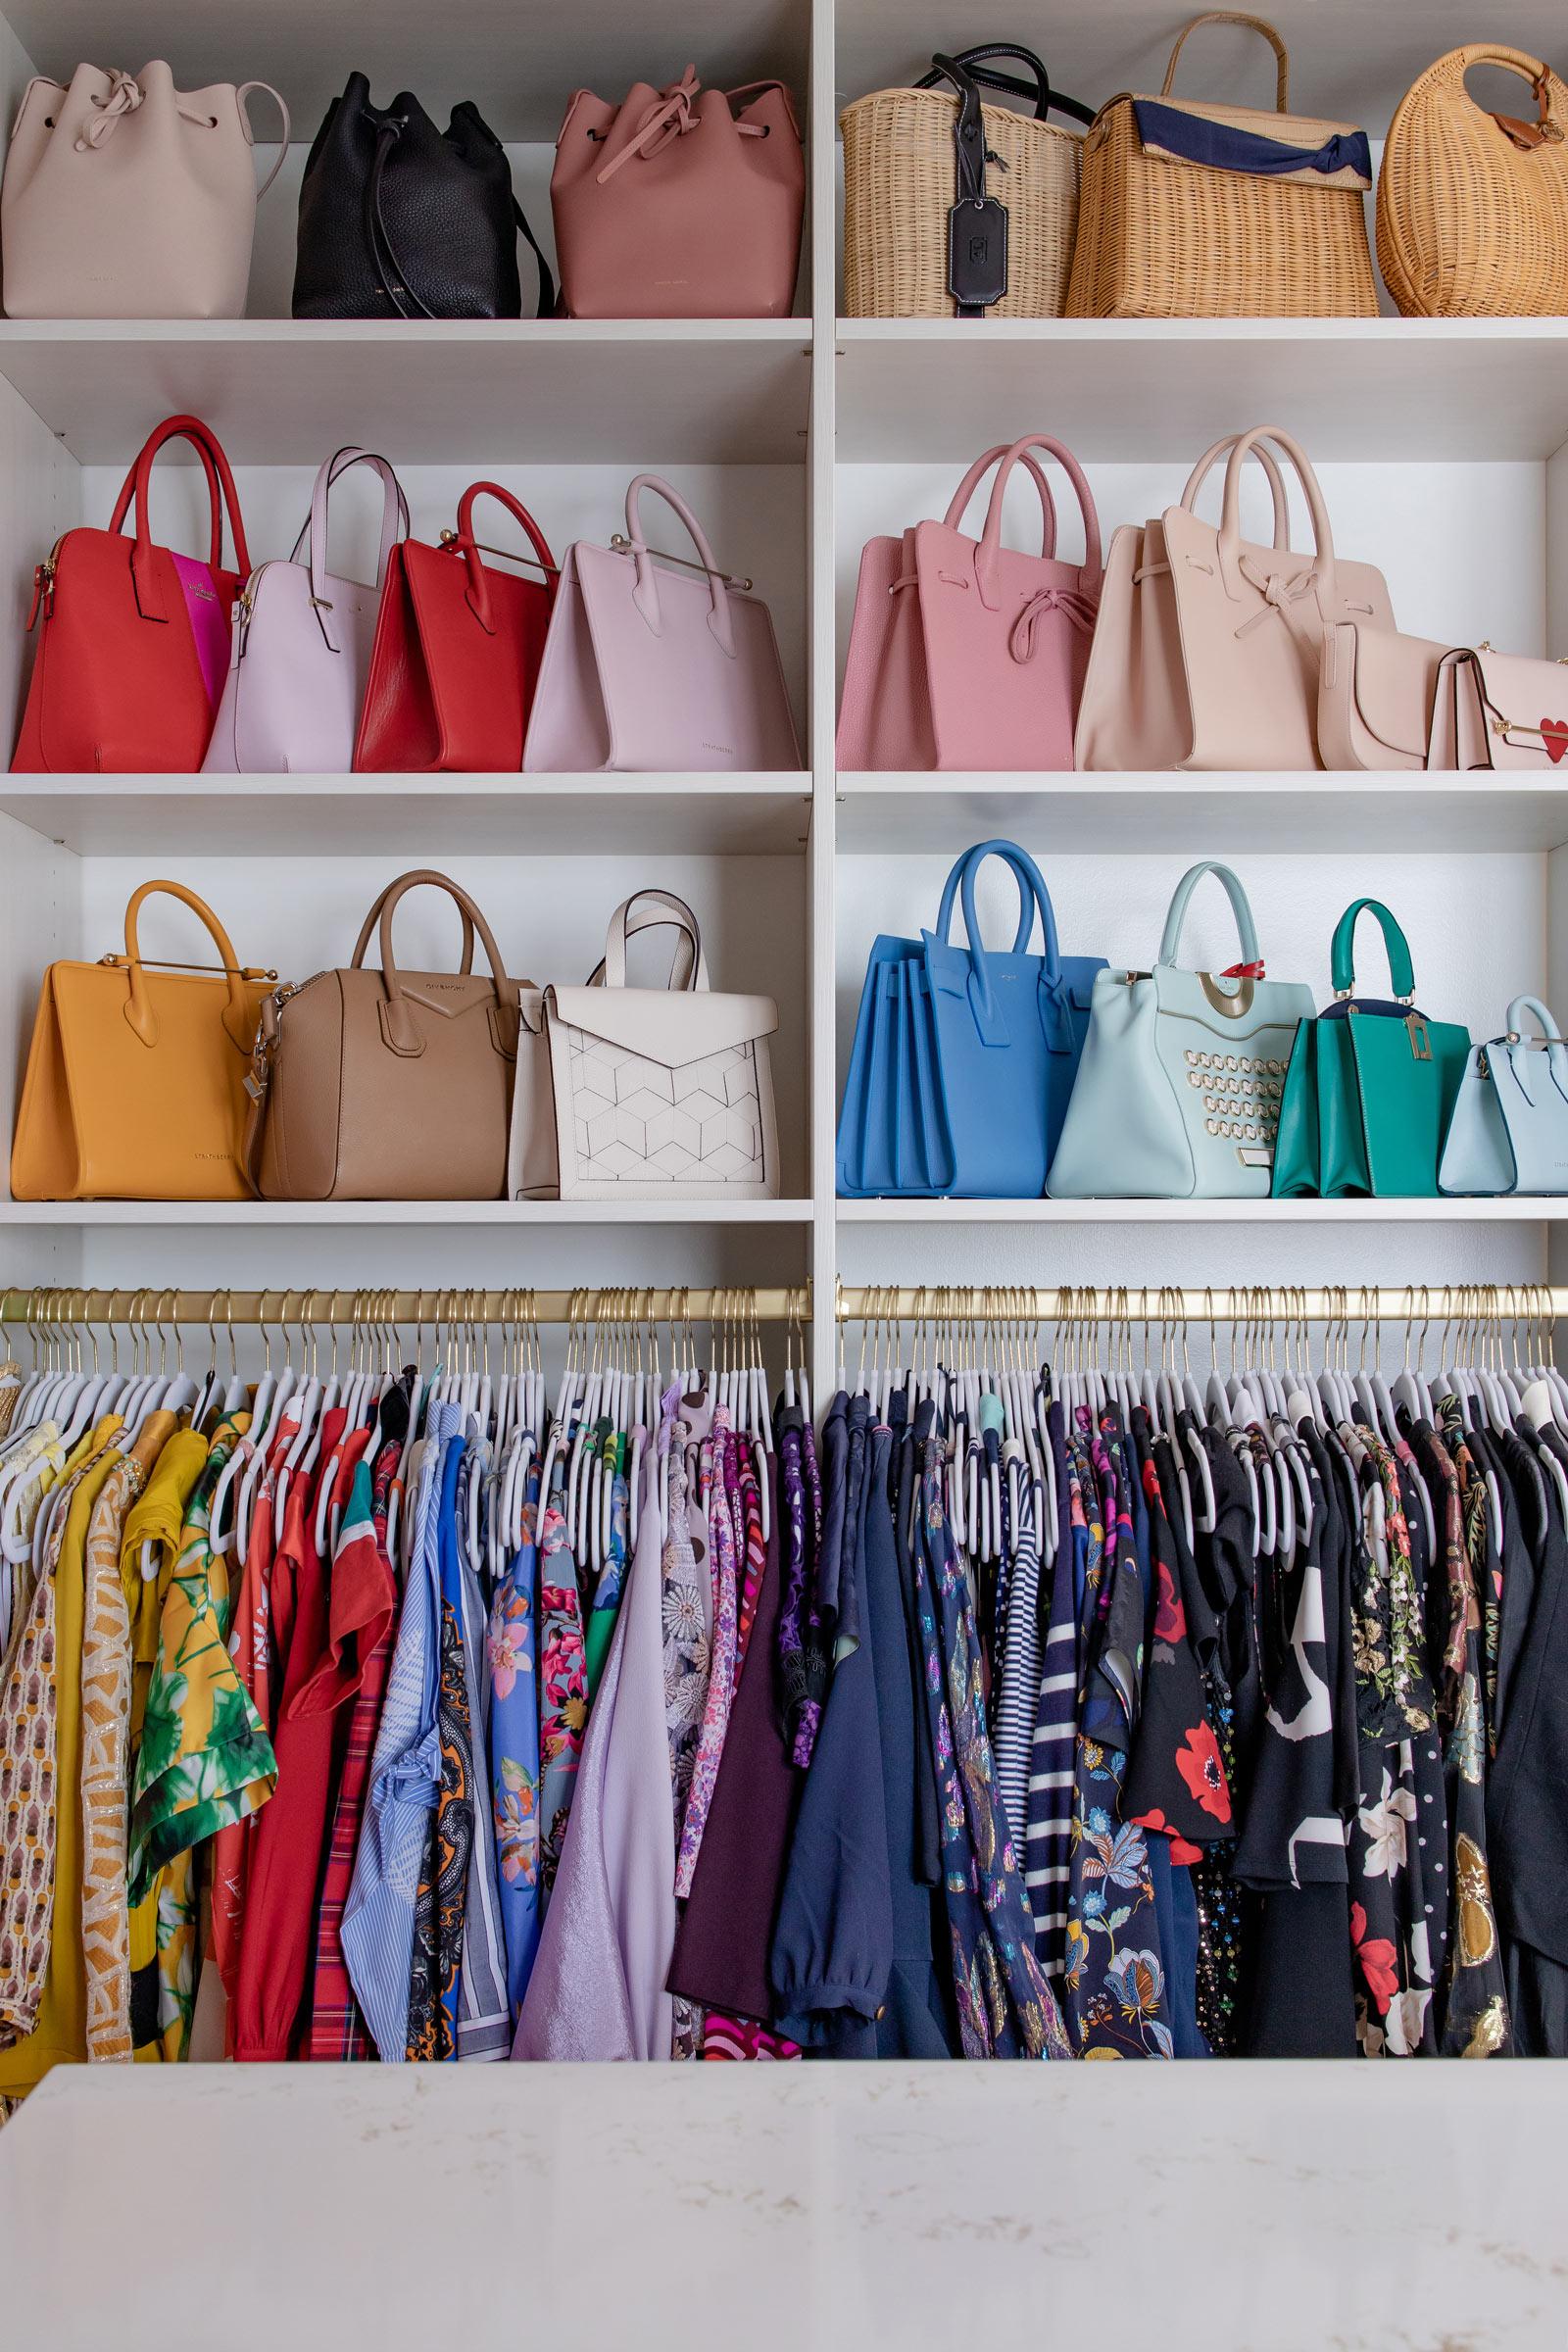 Jennifer Lake Closet Purses Bags